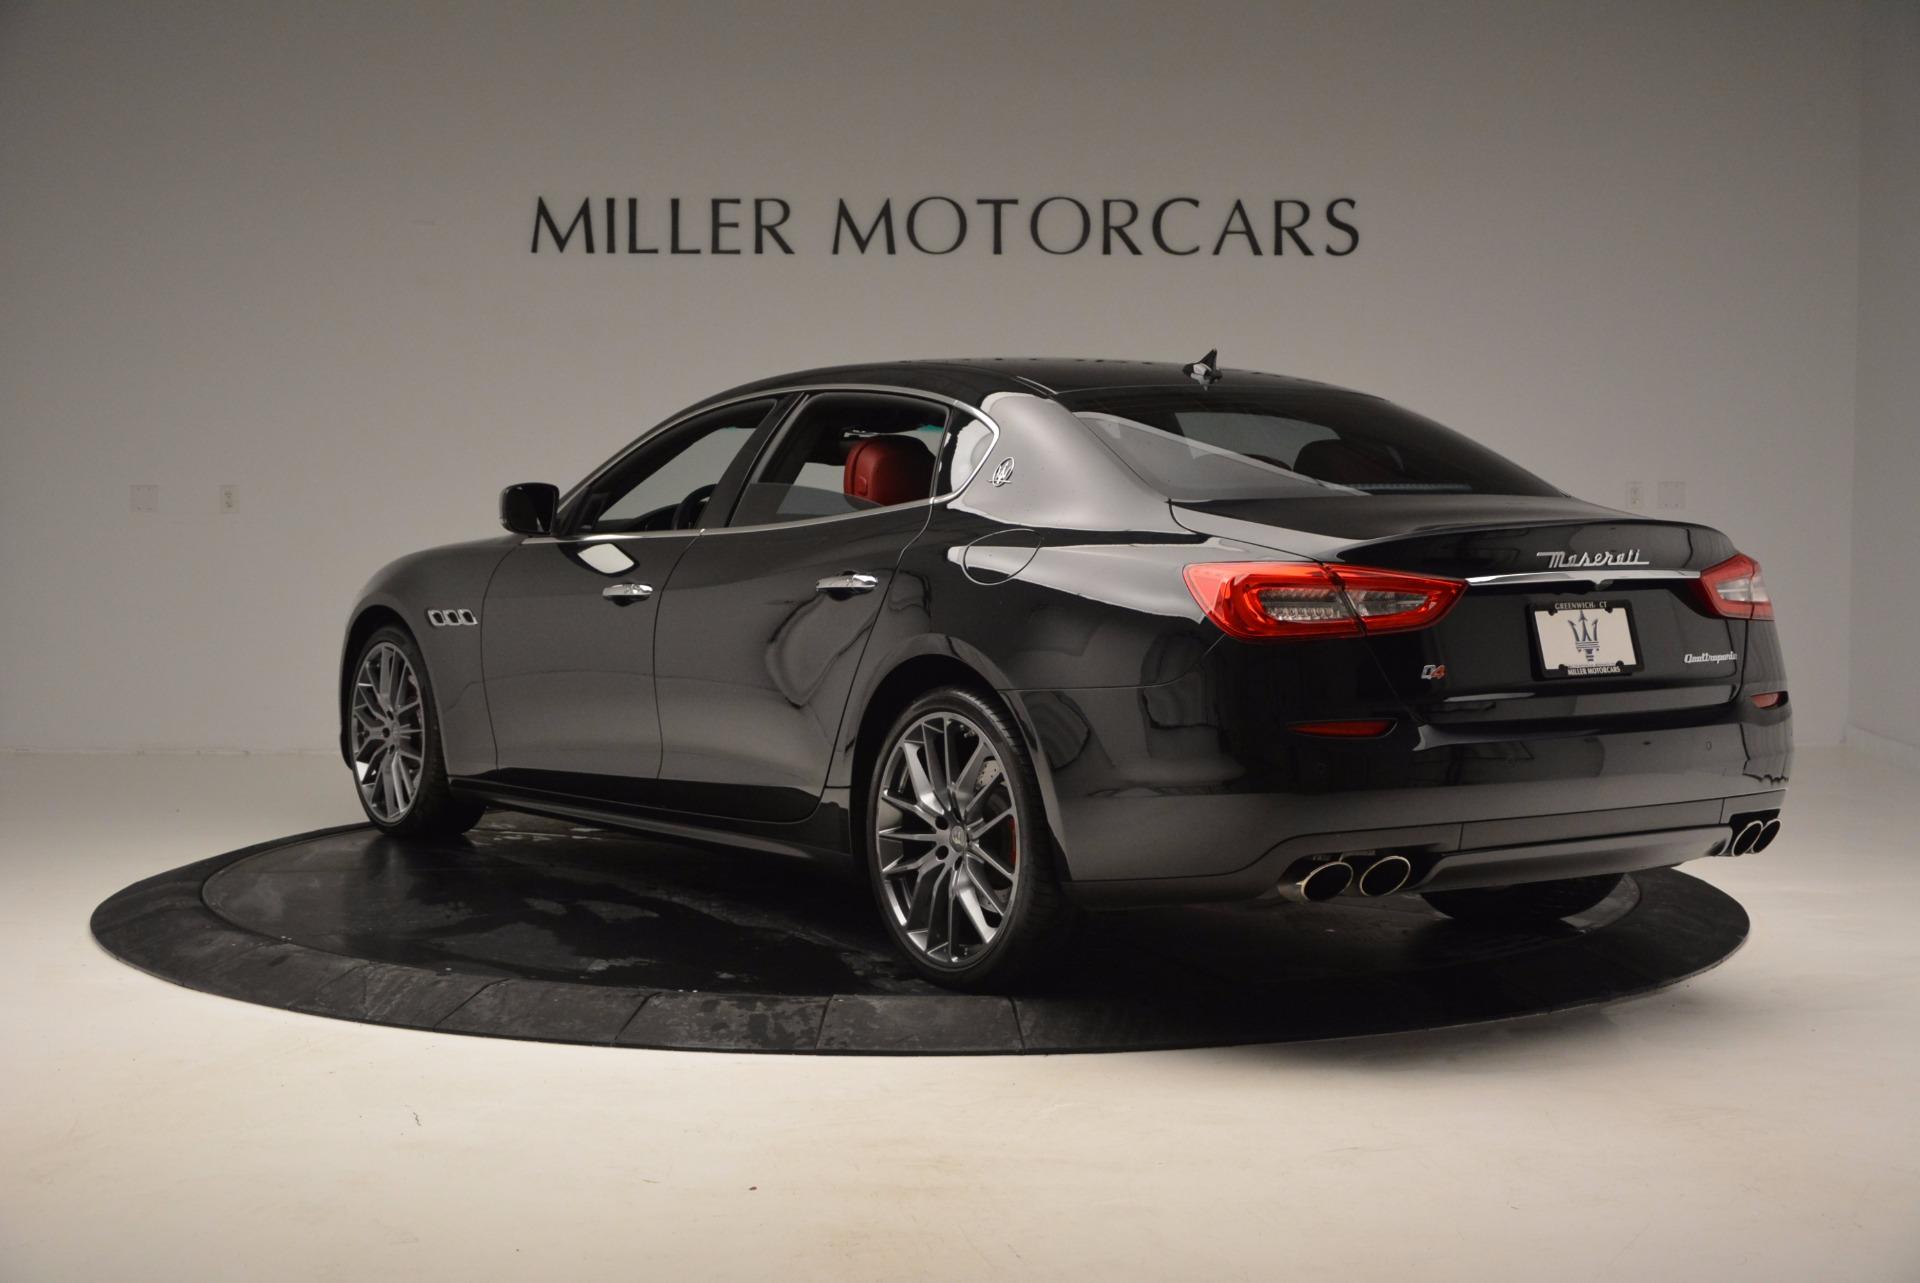 Used 2015 Maserati Quattroporte S Q4 For Sale In Westport, CT 809_p5